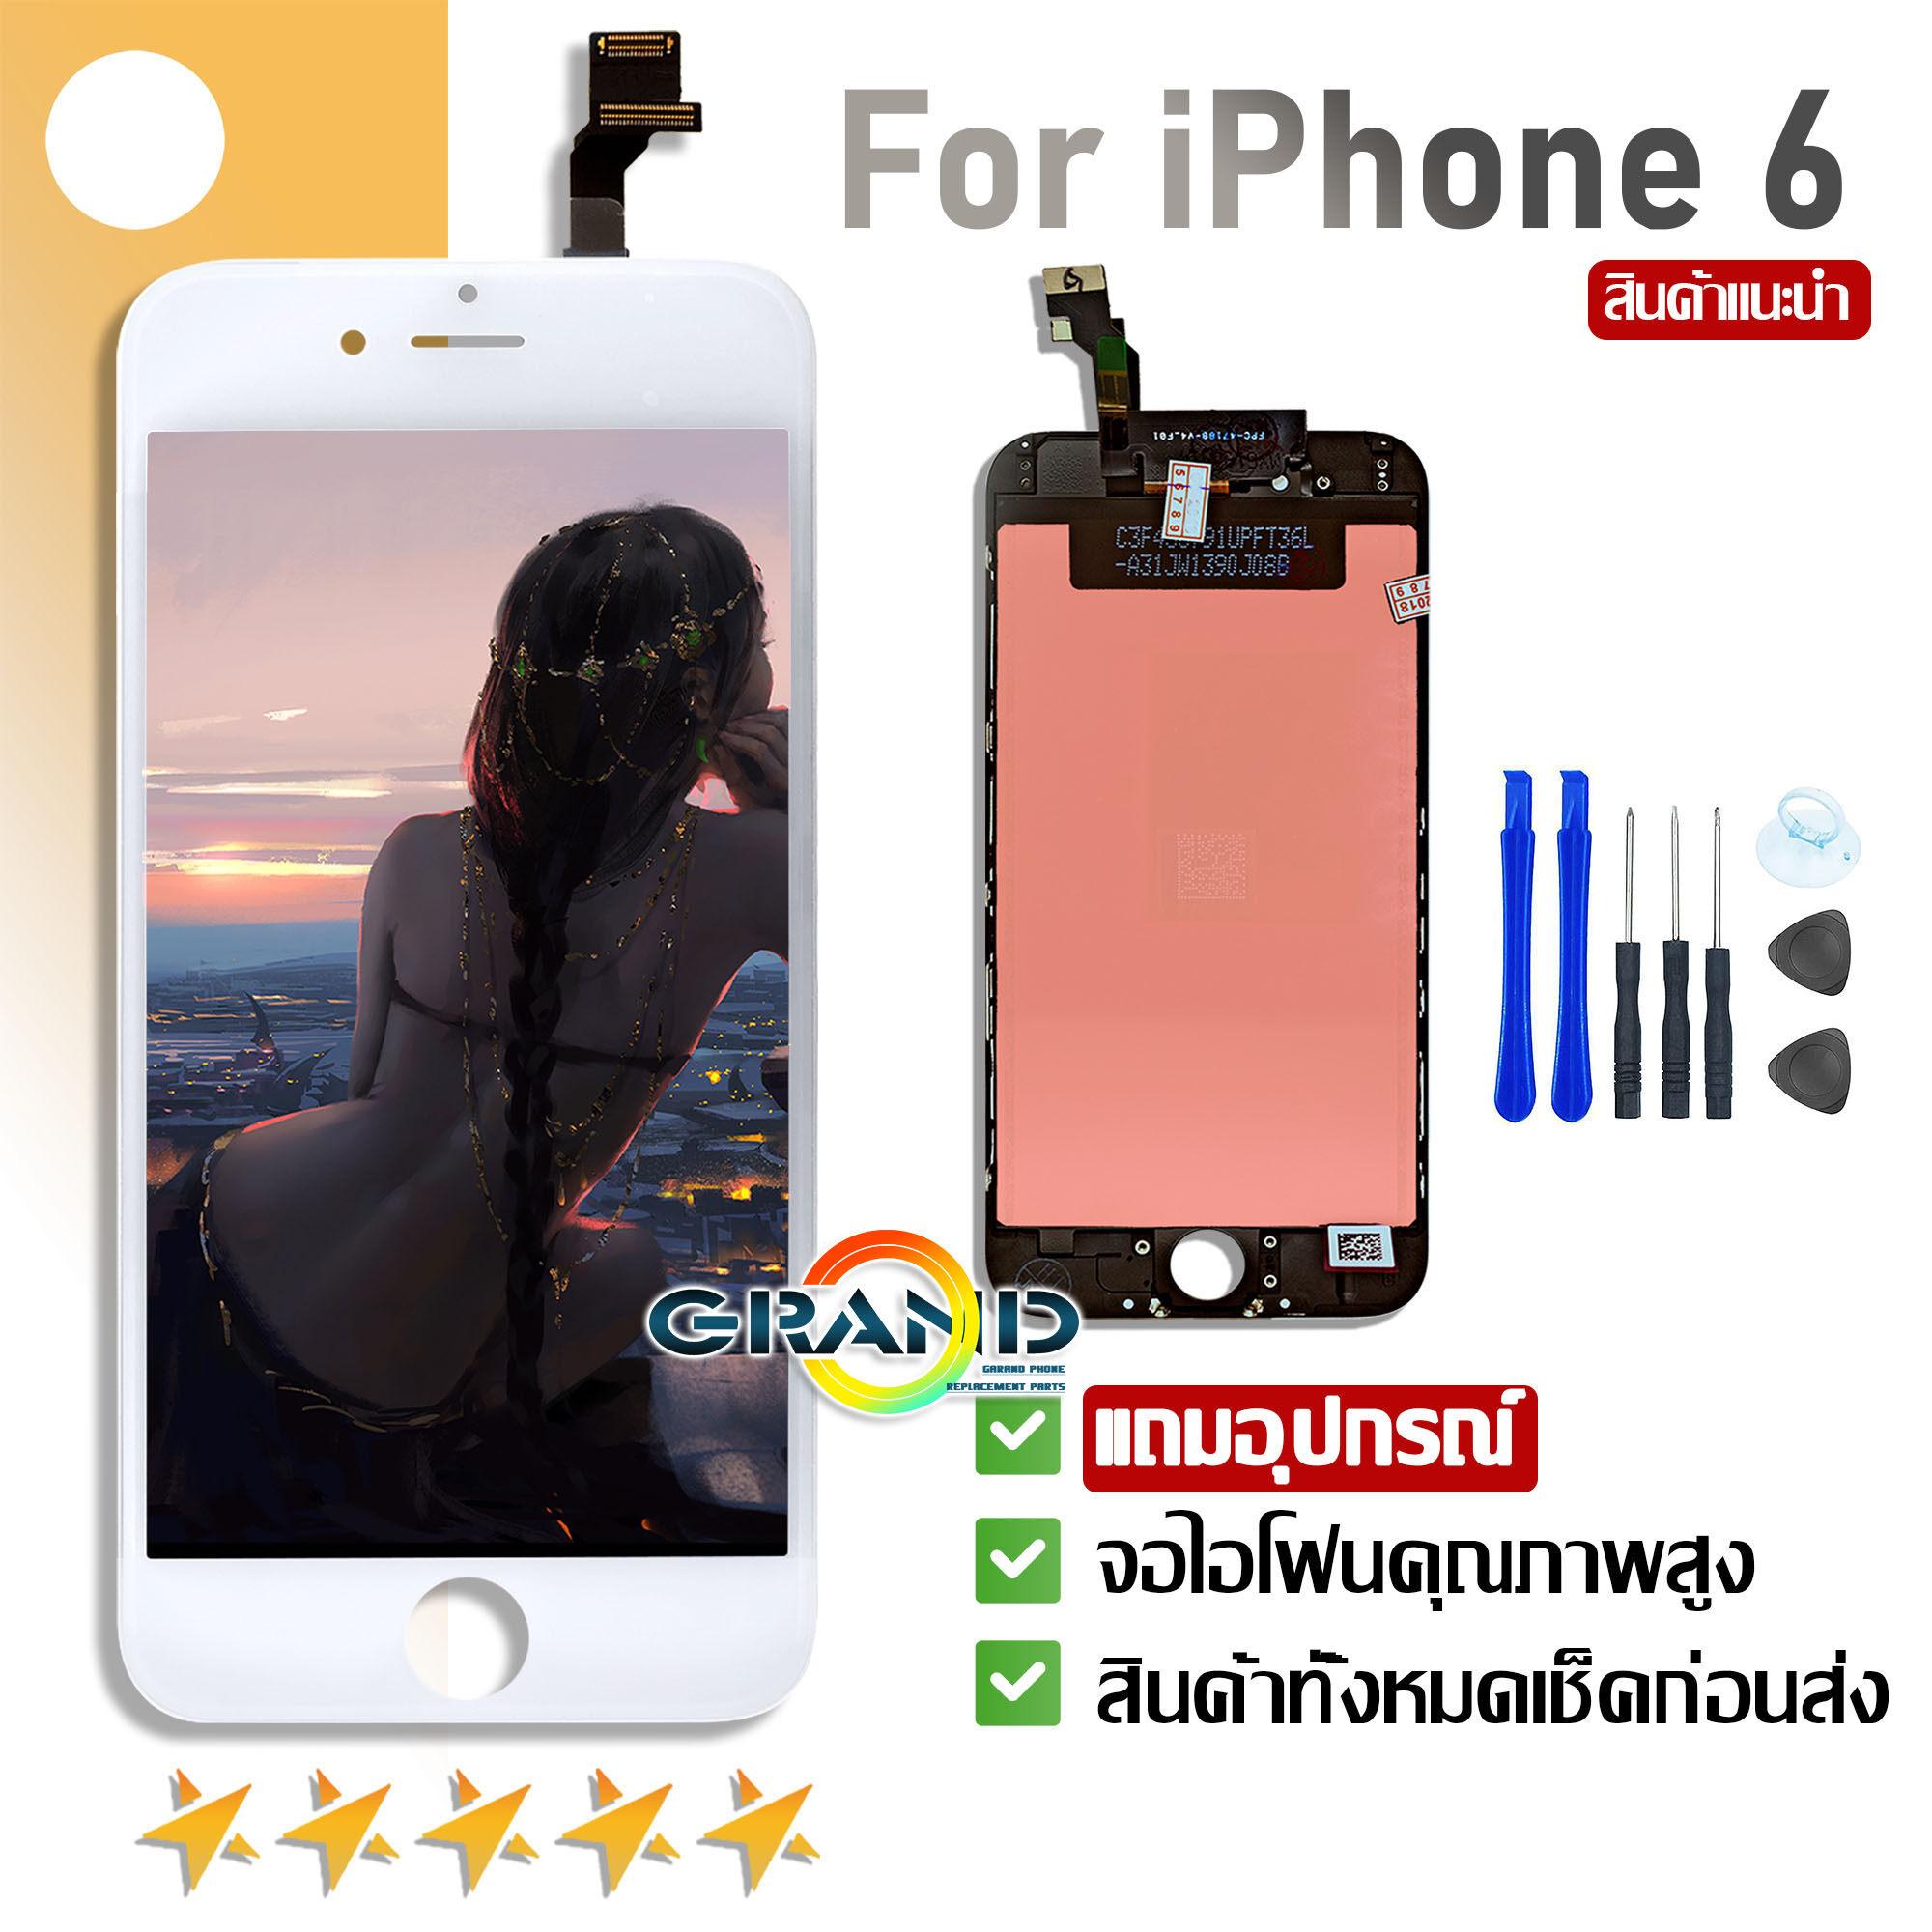 จอ i6/iphone 6/ไอโฟน6/6G Grand Phone จอโทรศัพท์ LCD Screen Display Touch AAA ของแท้คุณภาพดี i6/6G